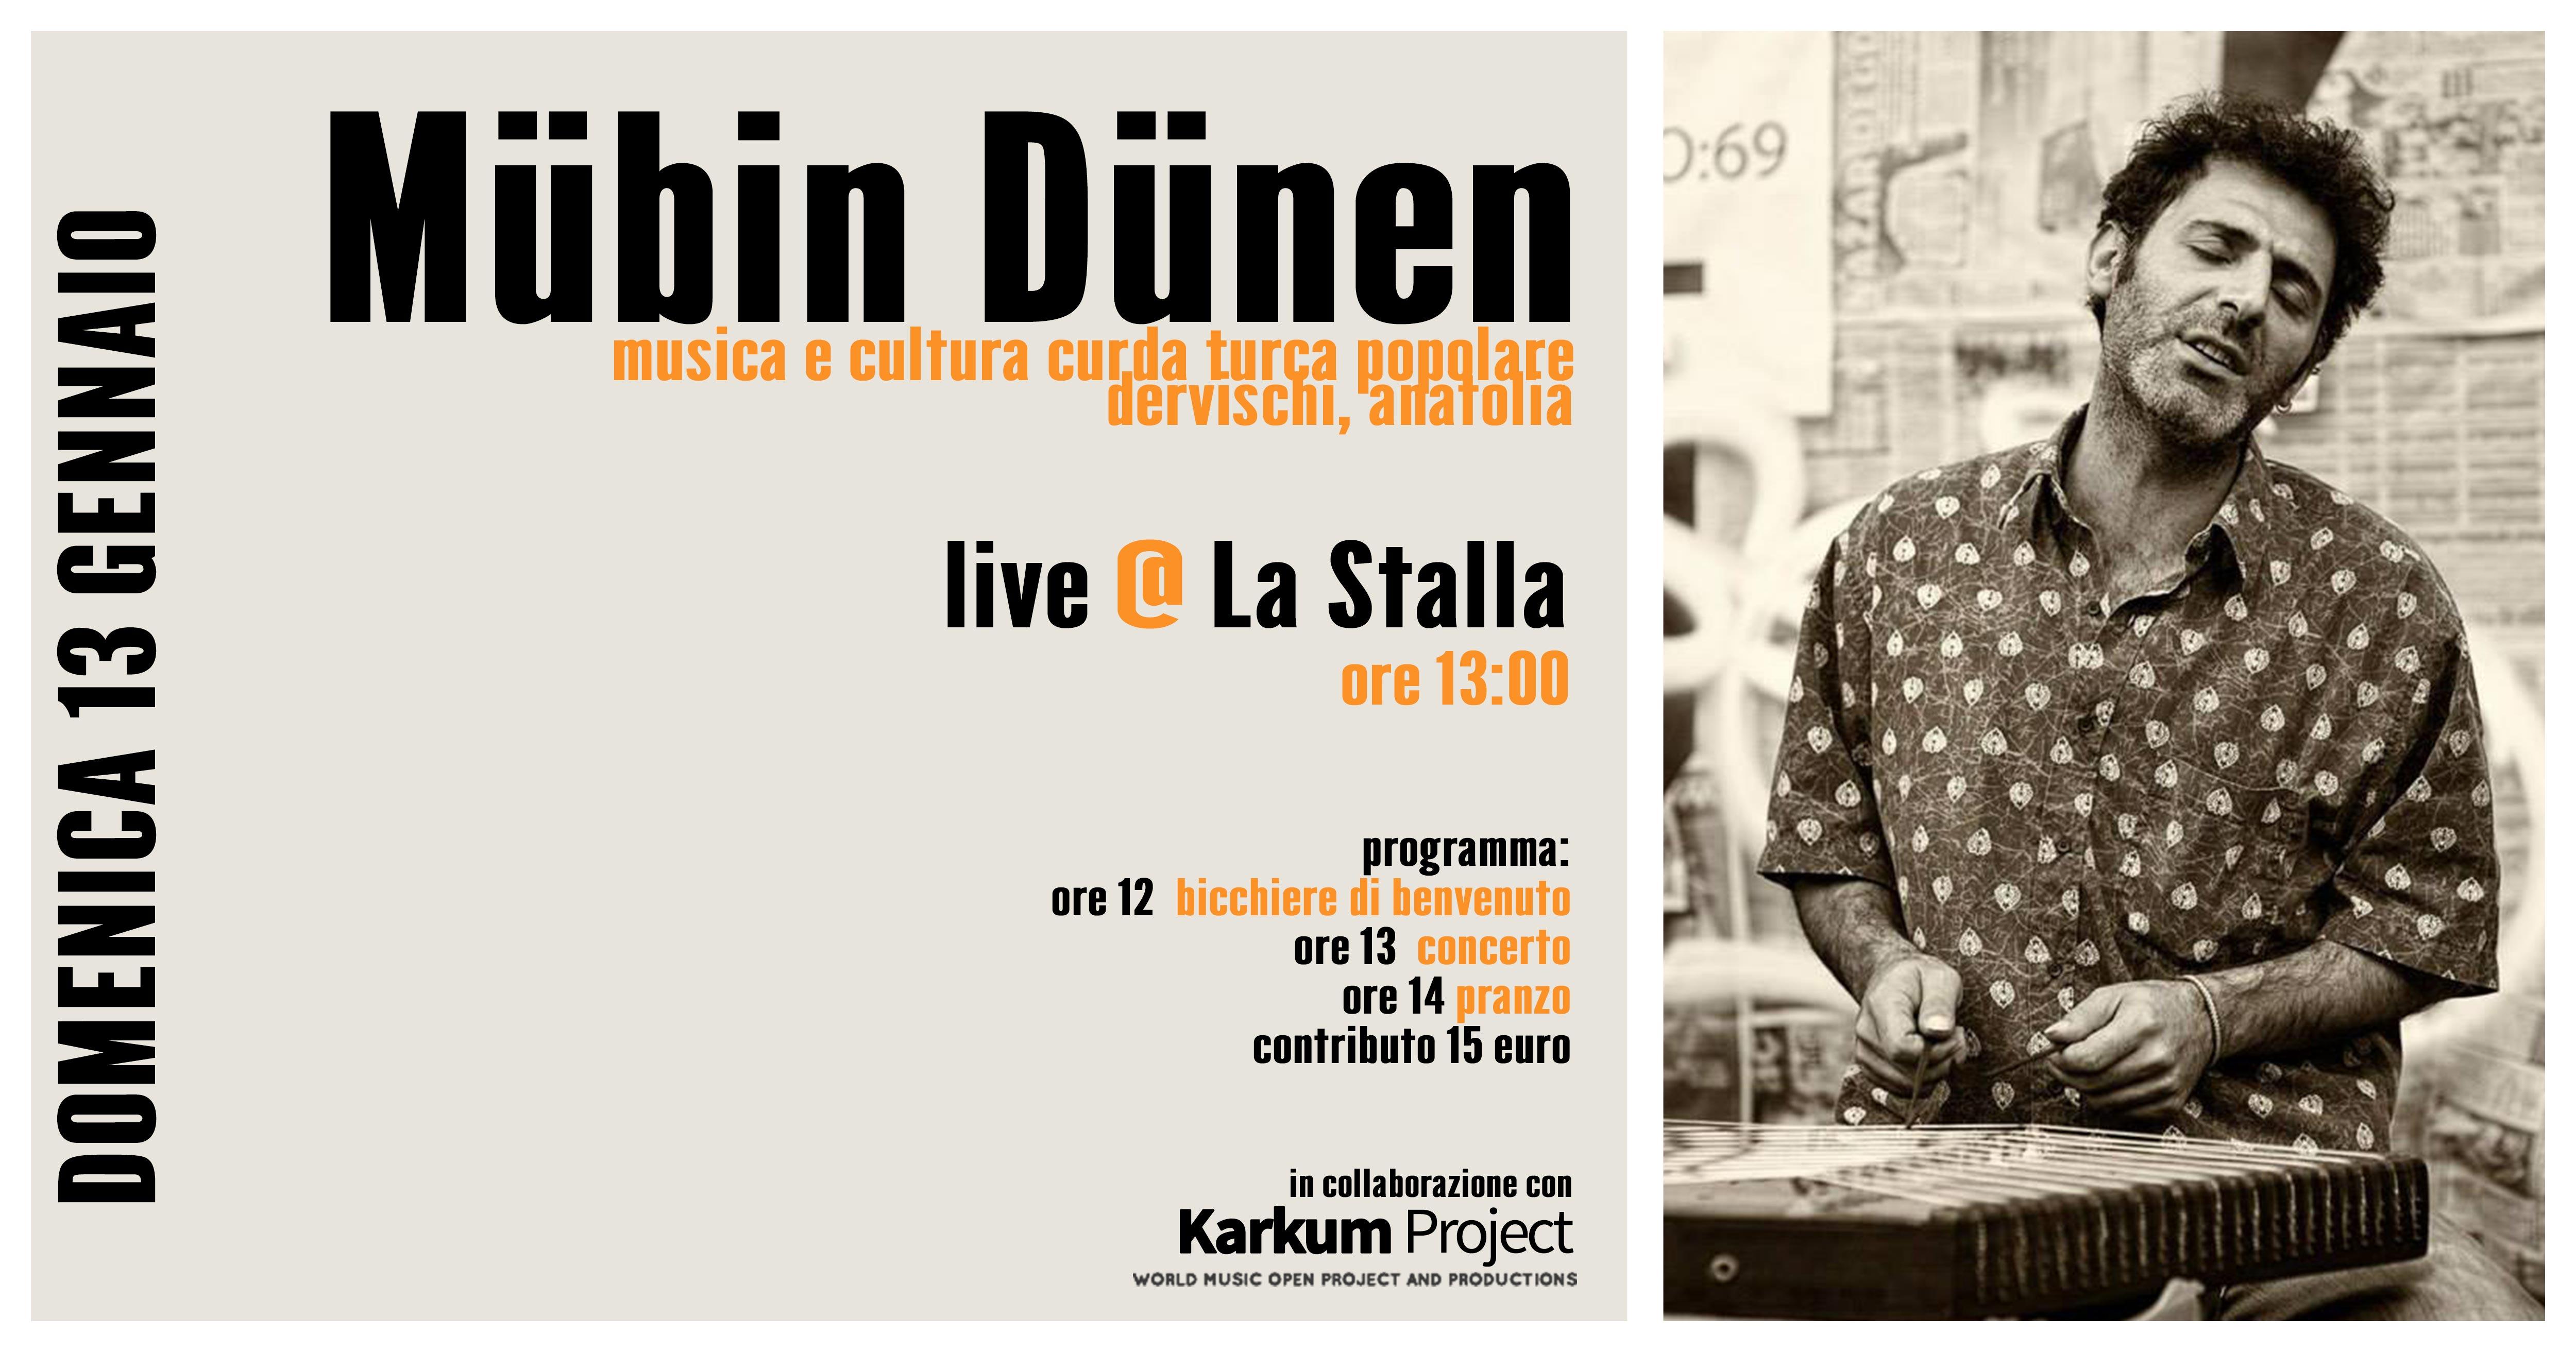 Pranzo spettacolo curdo con il polistrumentista Mubin Dunen - eventi in sabina